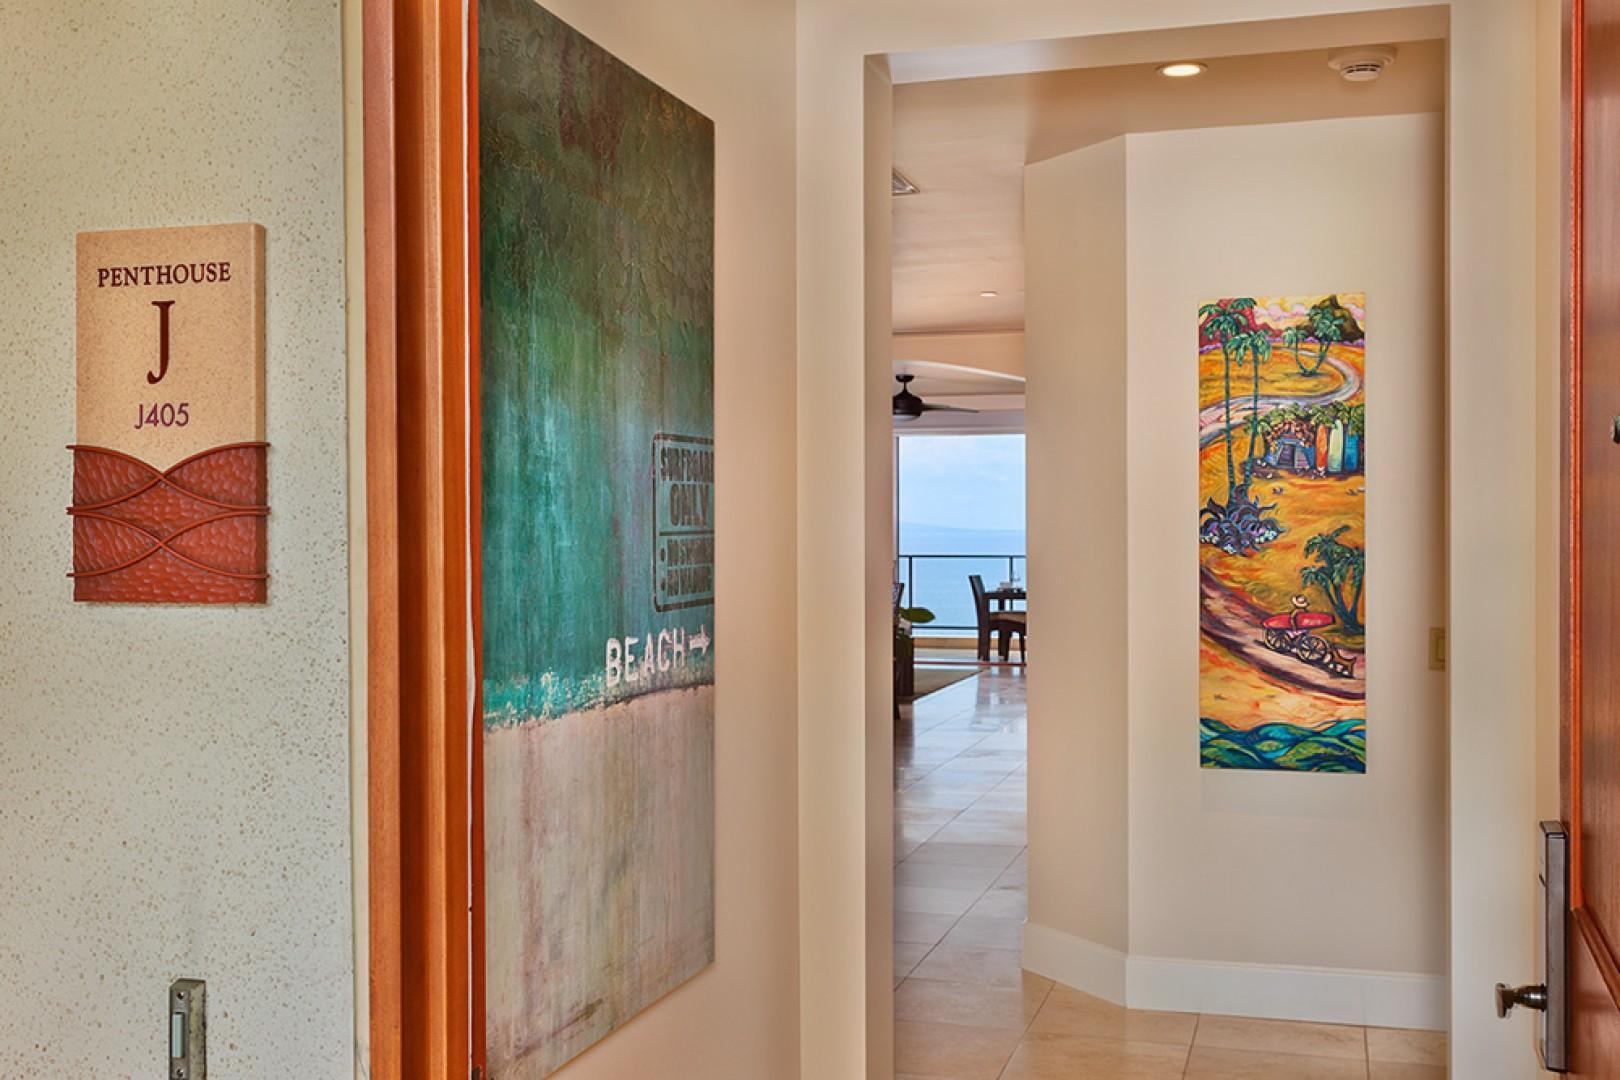 J405 Sea Breeze Suite Unique Decor and Artwork Throughout!